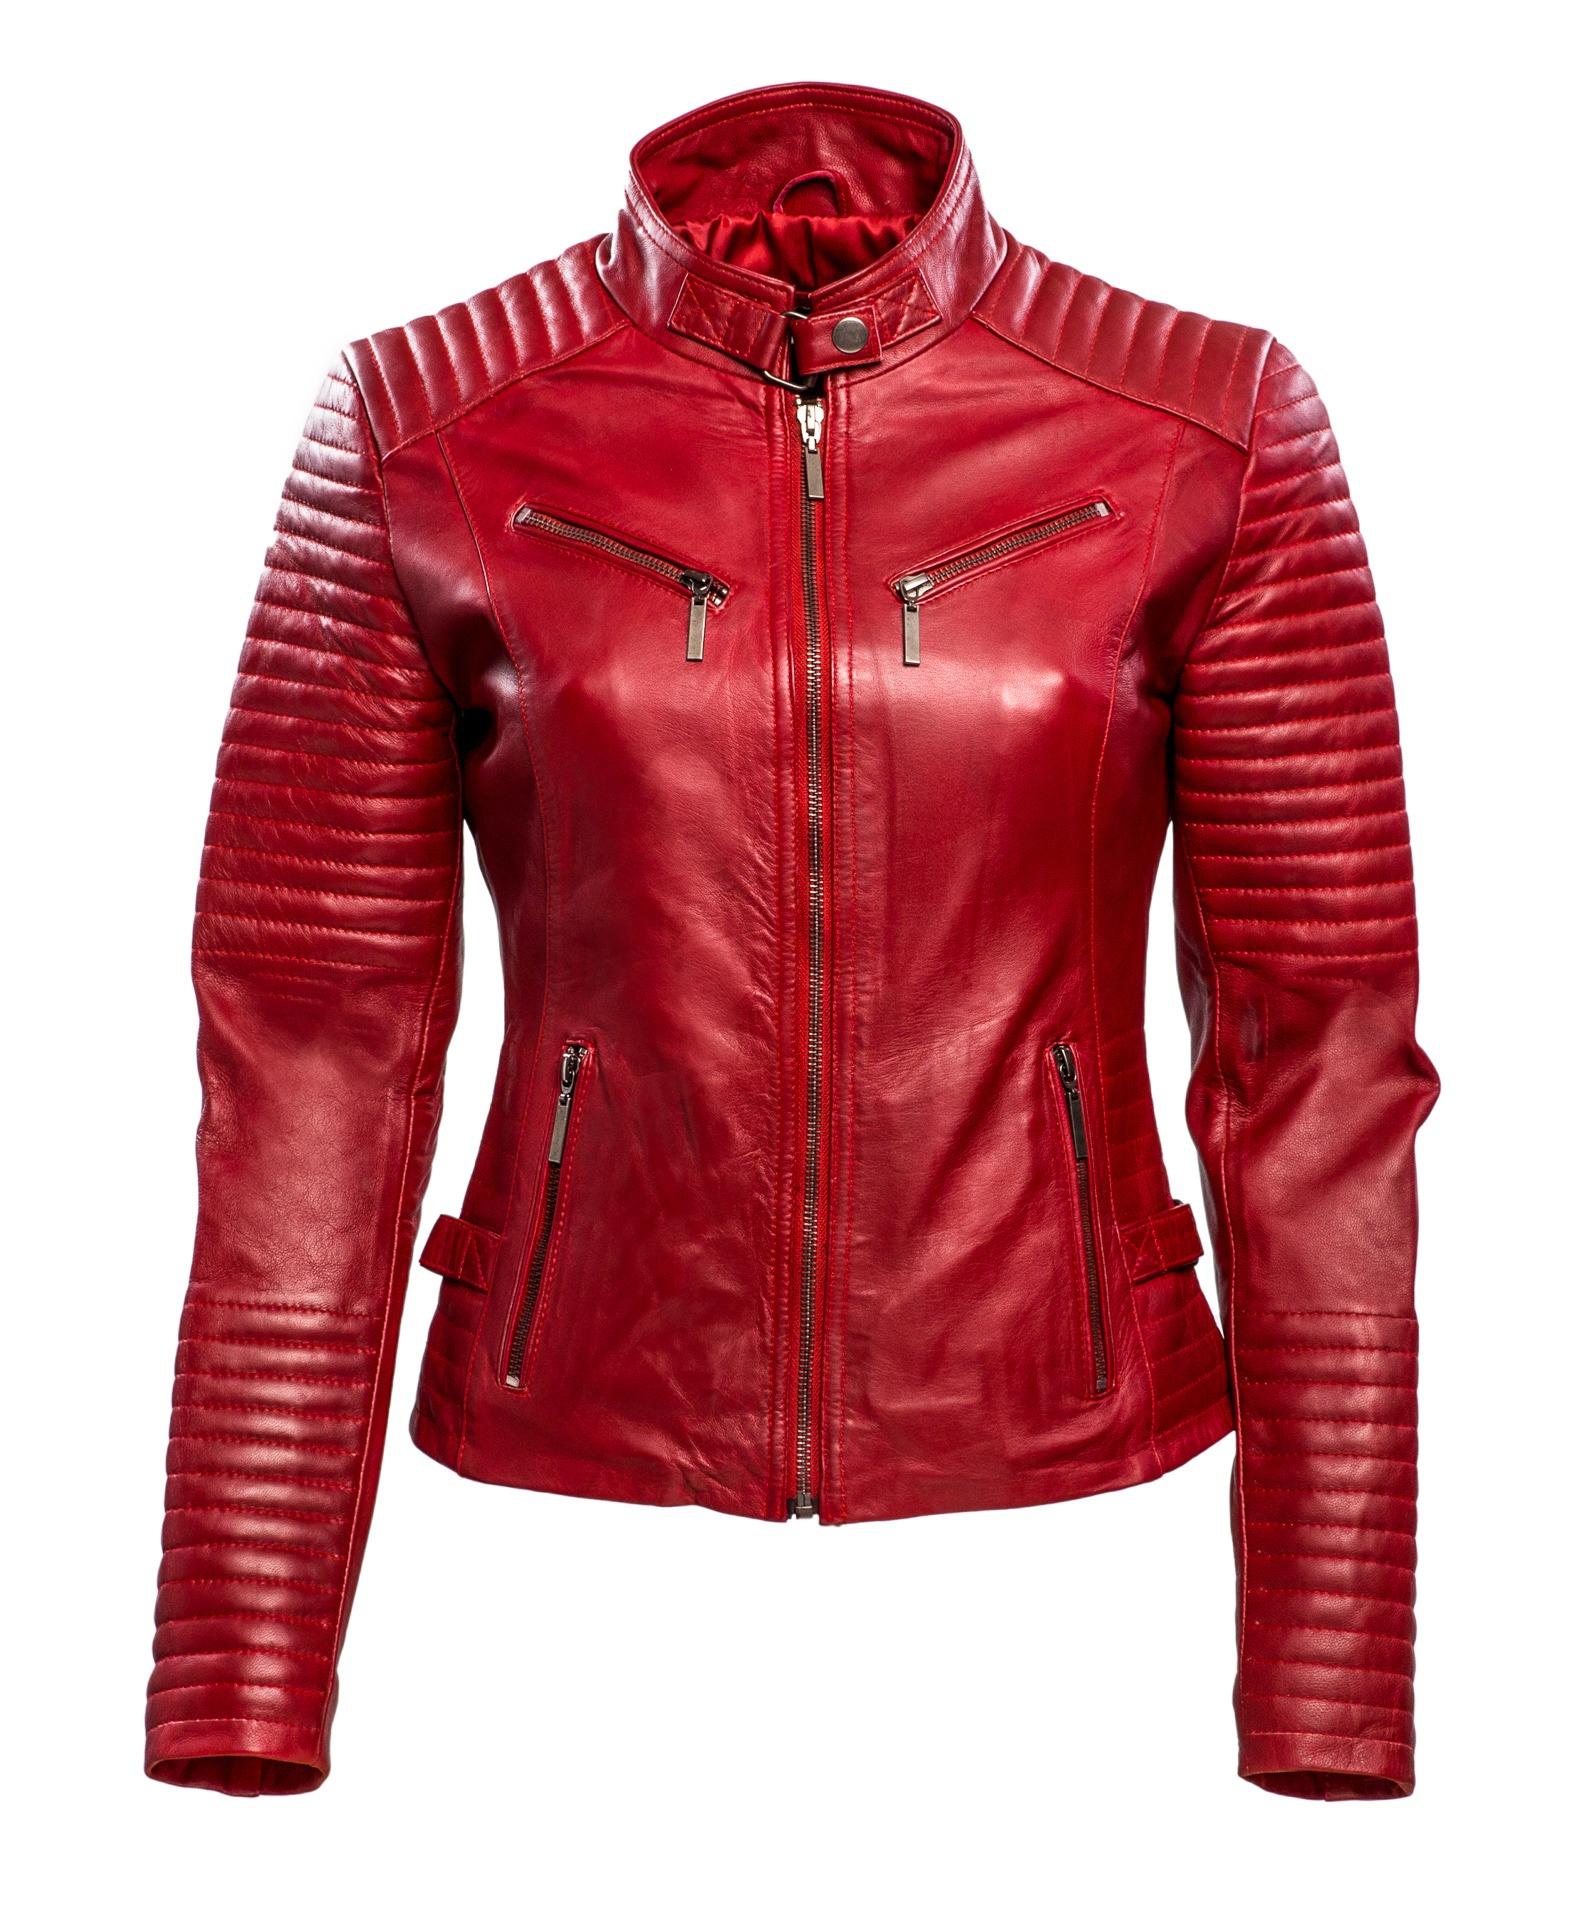 348 biker jack rood dames